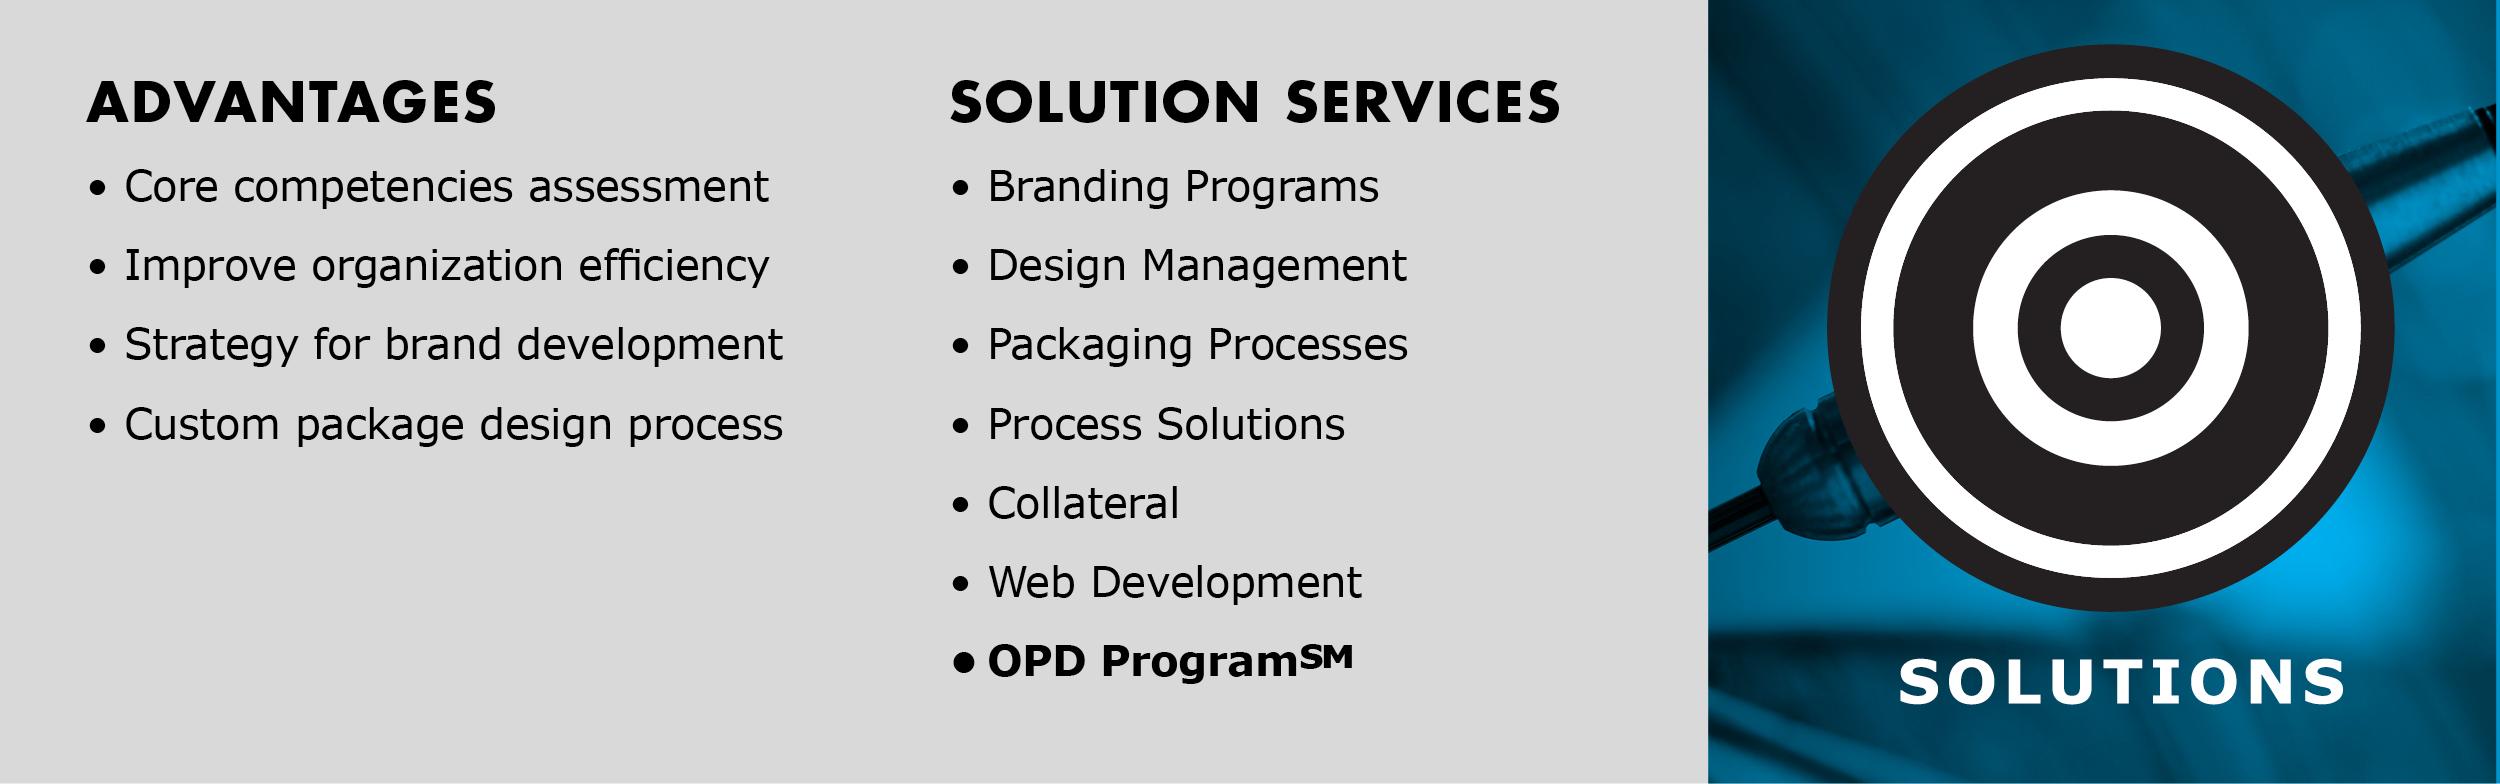 Solutions2.jpg